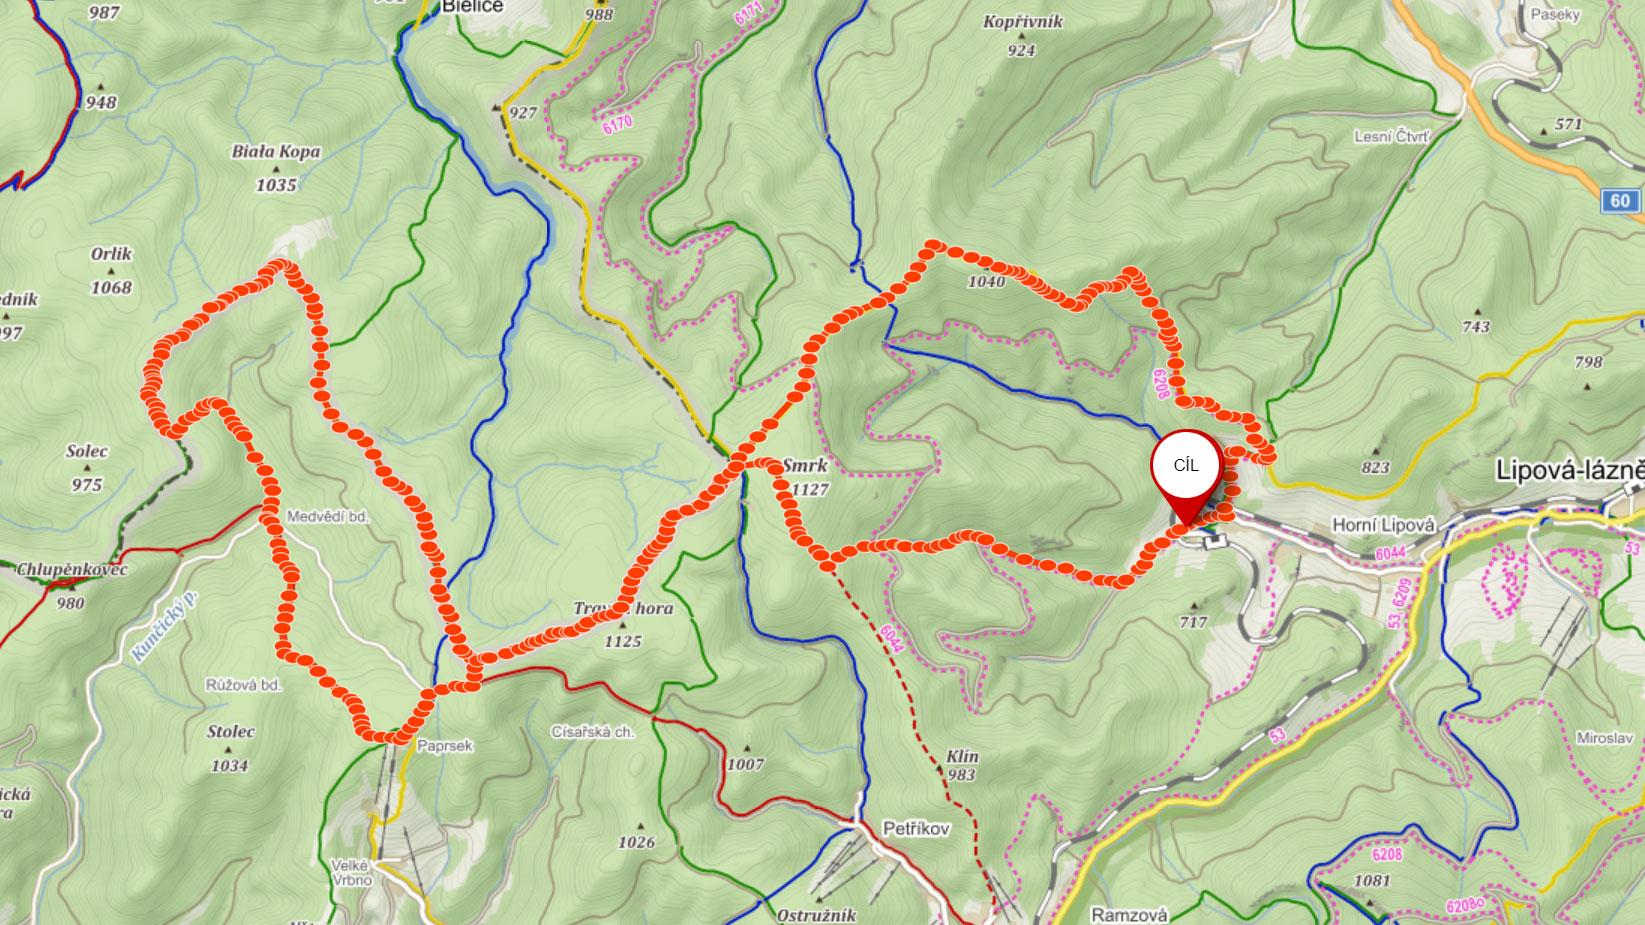 Popisovaná trasa přes hraniční hřeben Rychlebských hor